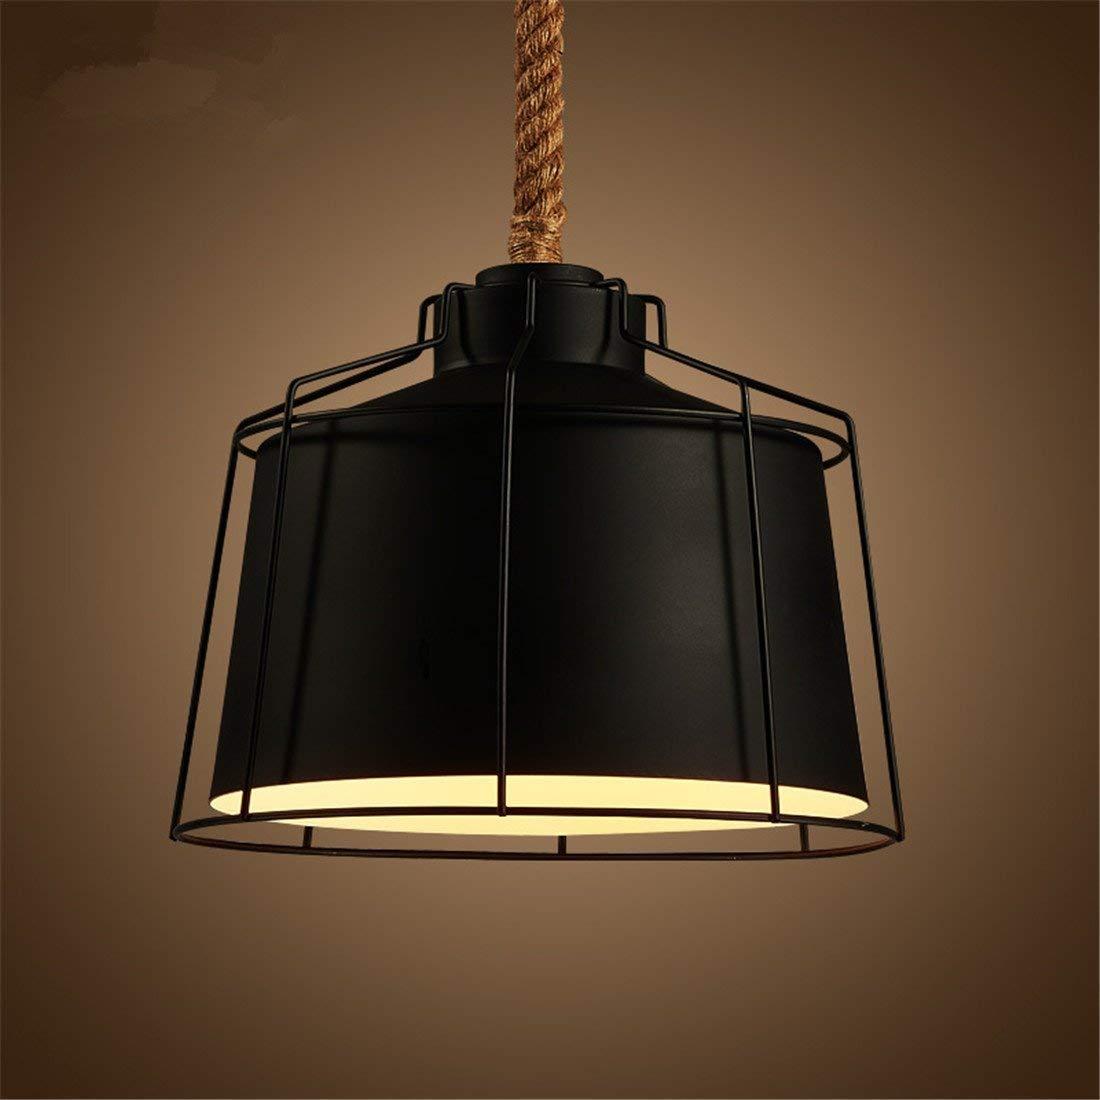 Eeayyygch Kreative Persönlichkeit Schmiedeeisen Hanf Seil Lampe, Restaurant Bar Kronleuchter Kreative (Farbe   -, Größe   -)